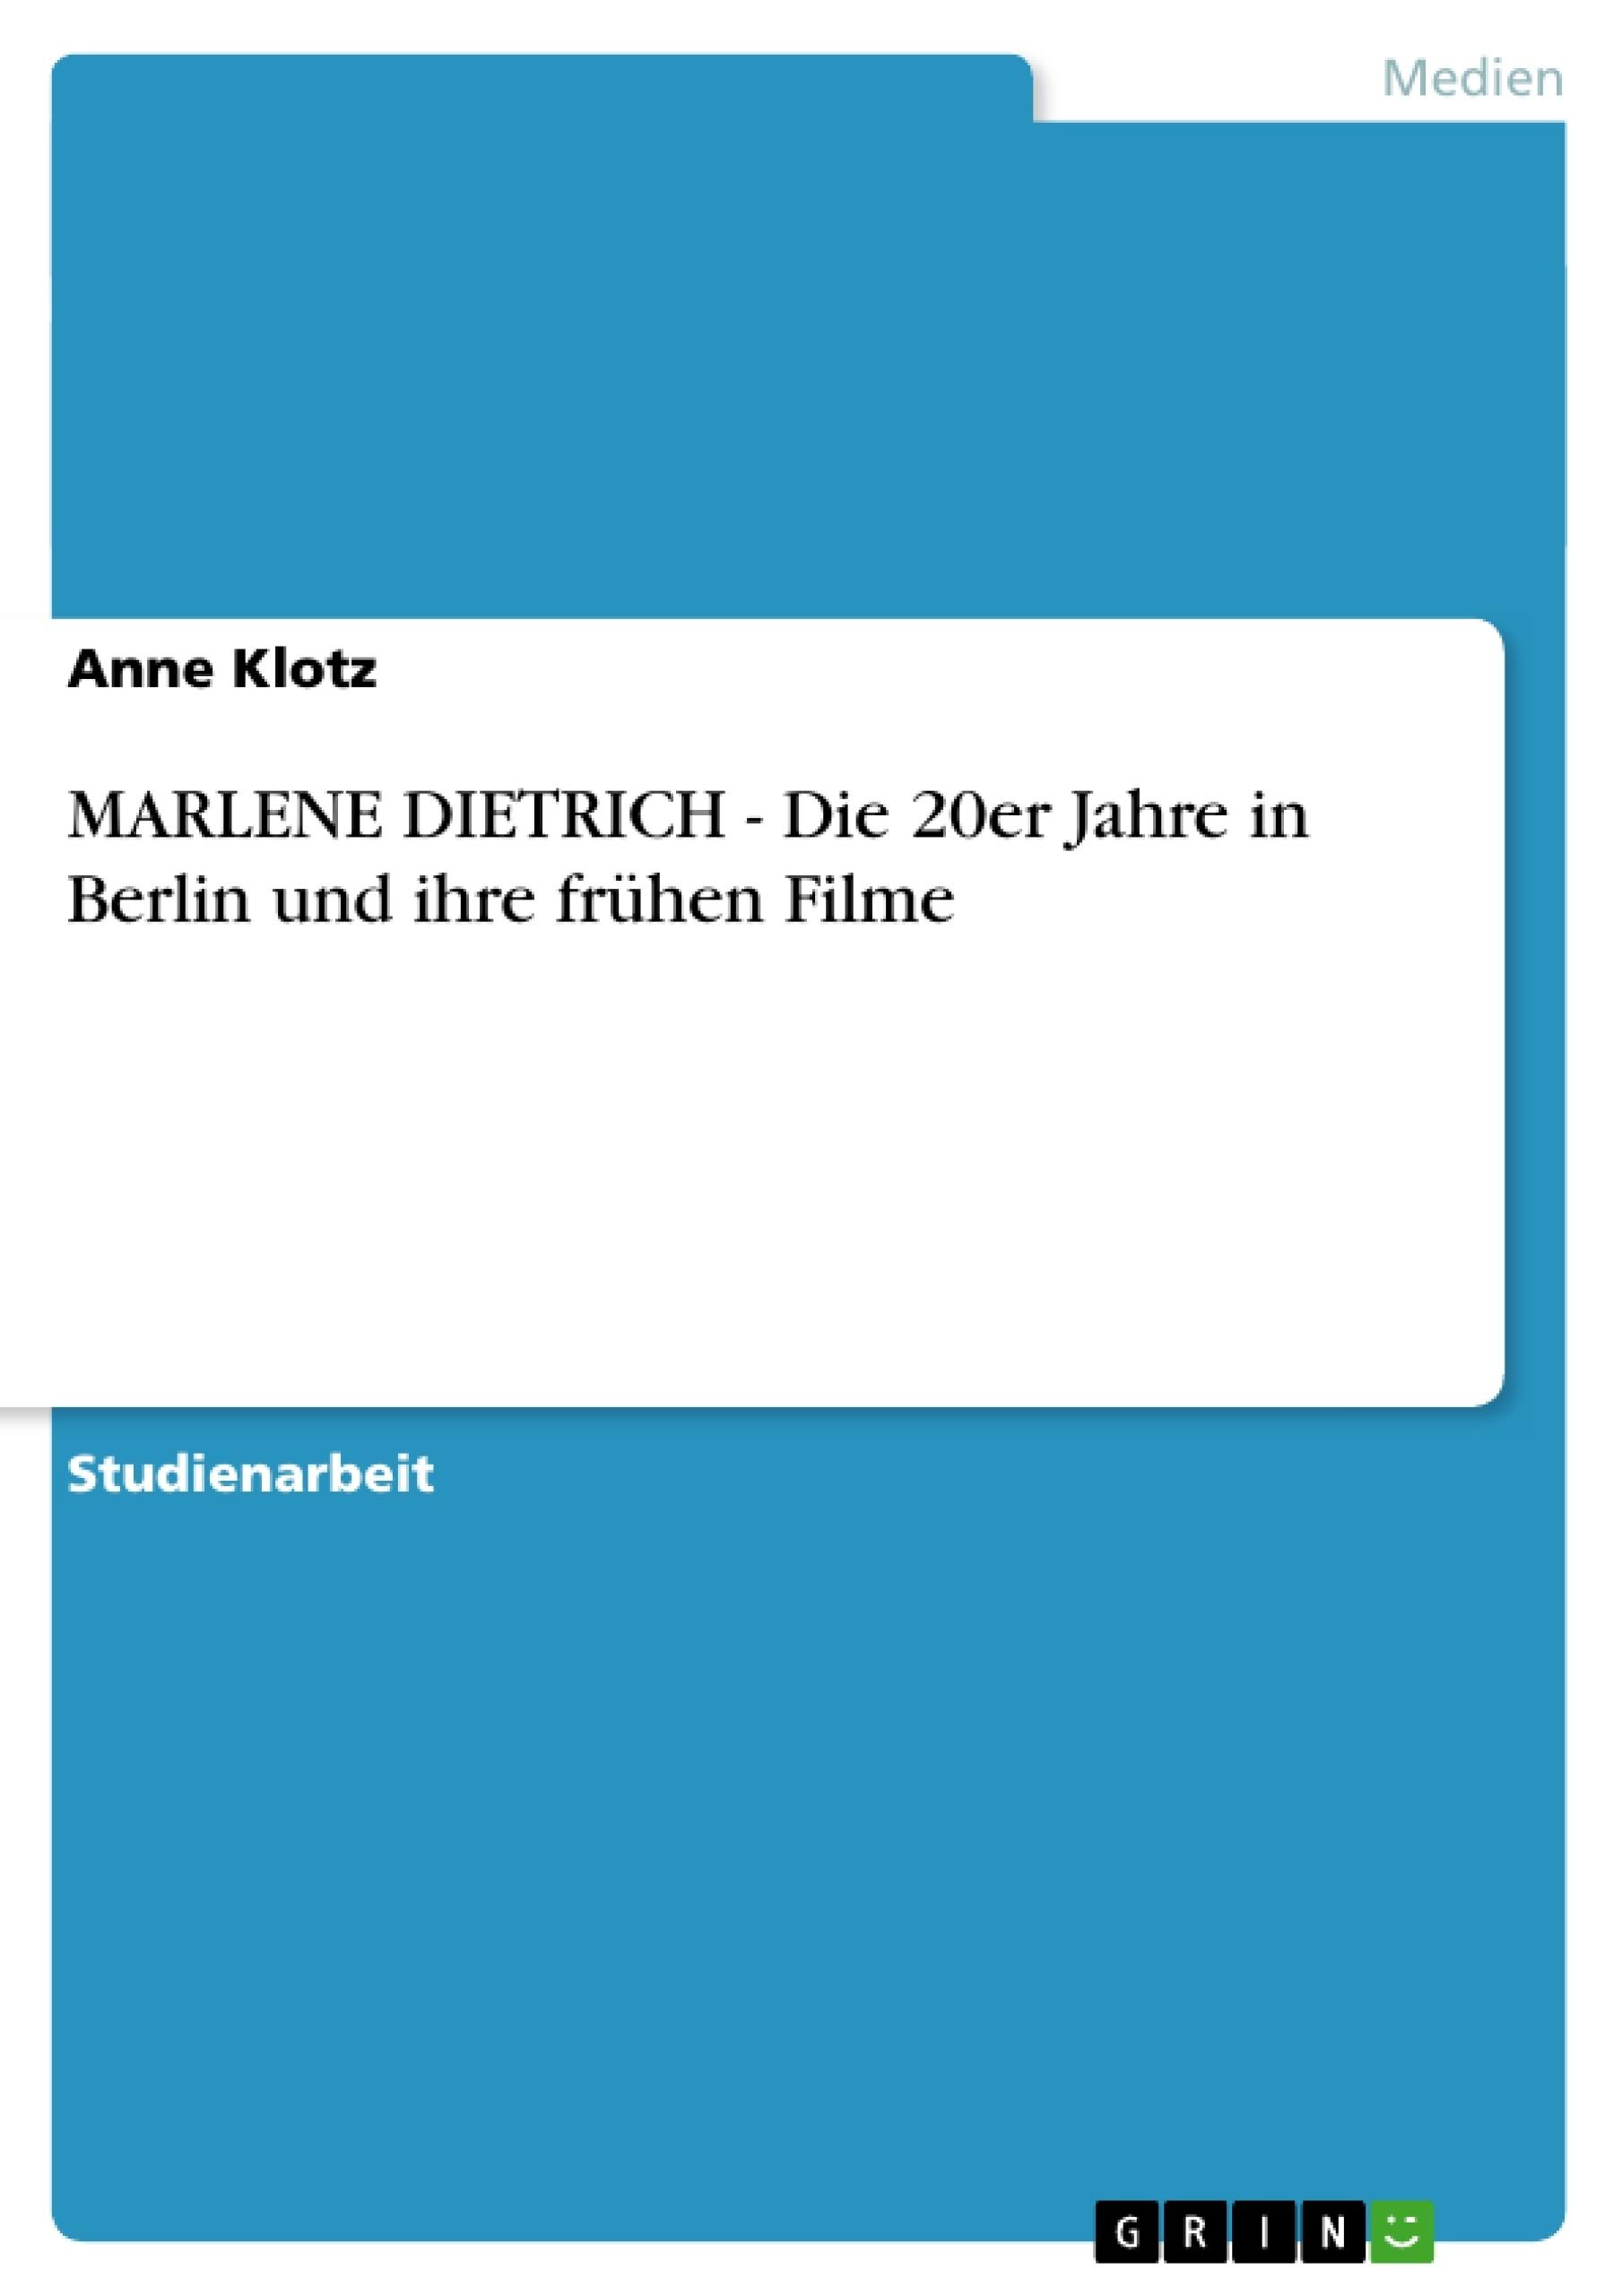 Titel: MARLENE DIETRICH - Die 20er Jahre in Berlin und ihre frühen Filme